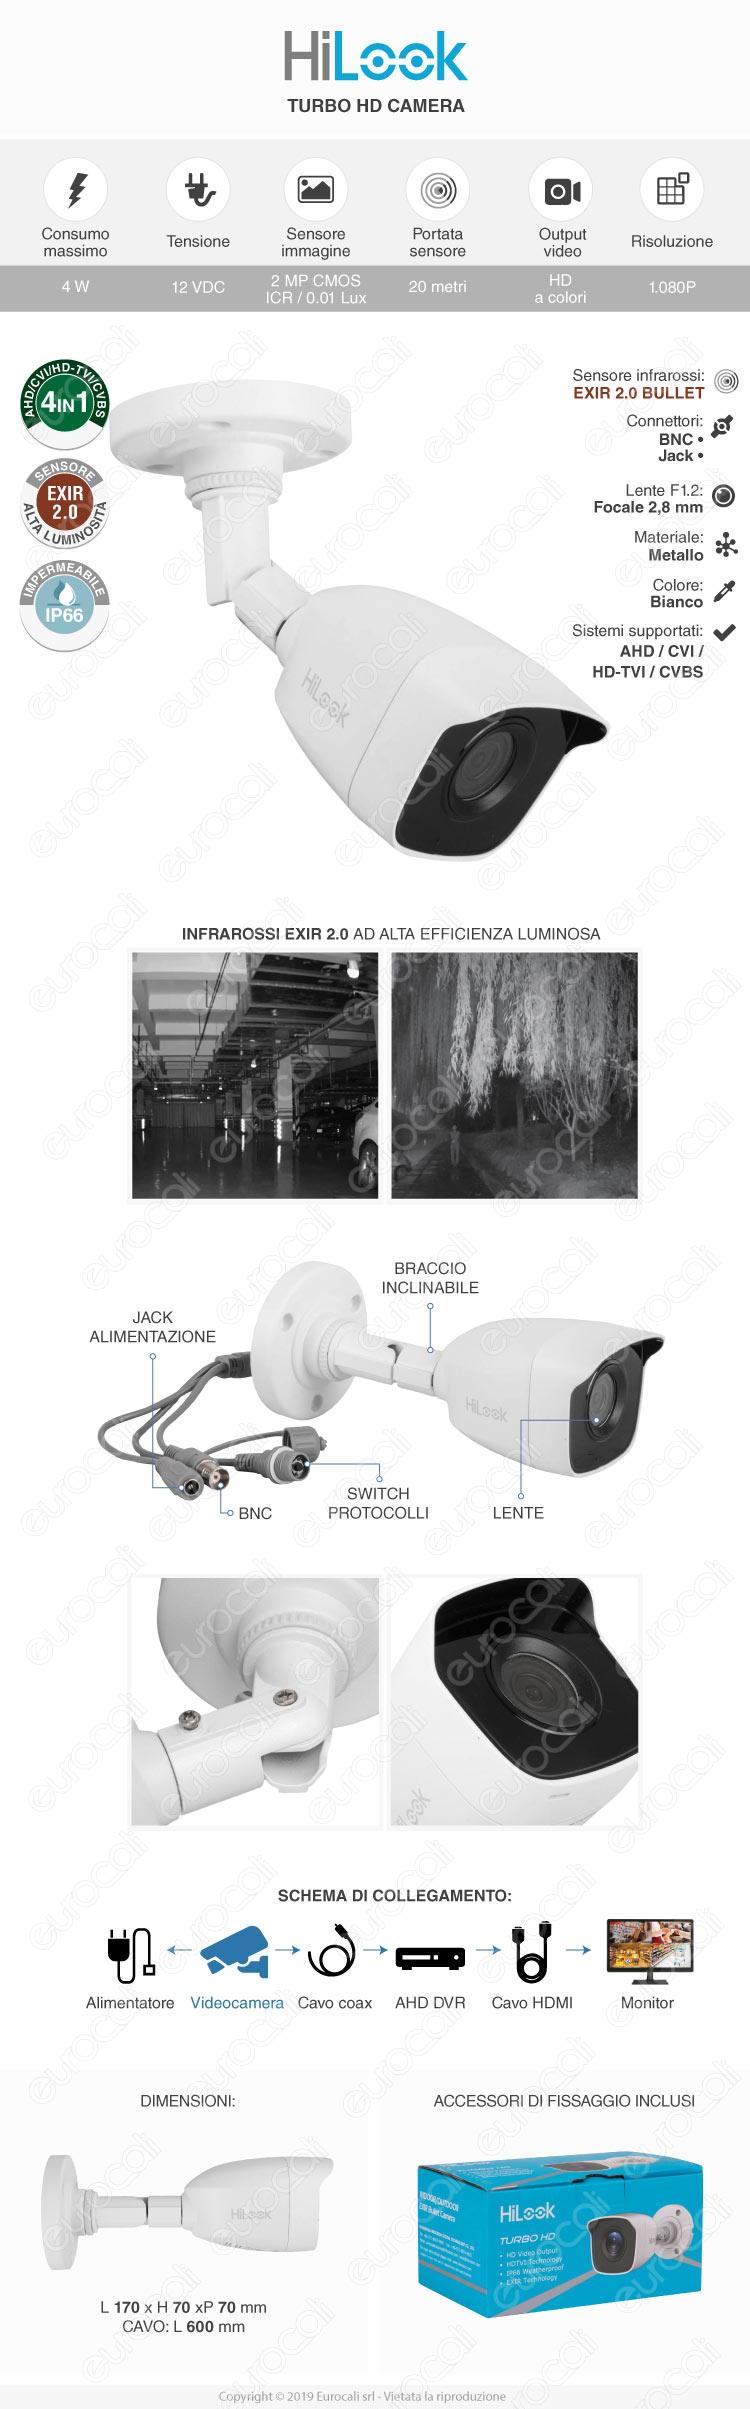 V-Tac VT-5135 Telecamera di Sorveglianza 1080p IP65